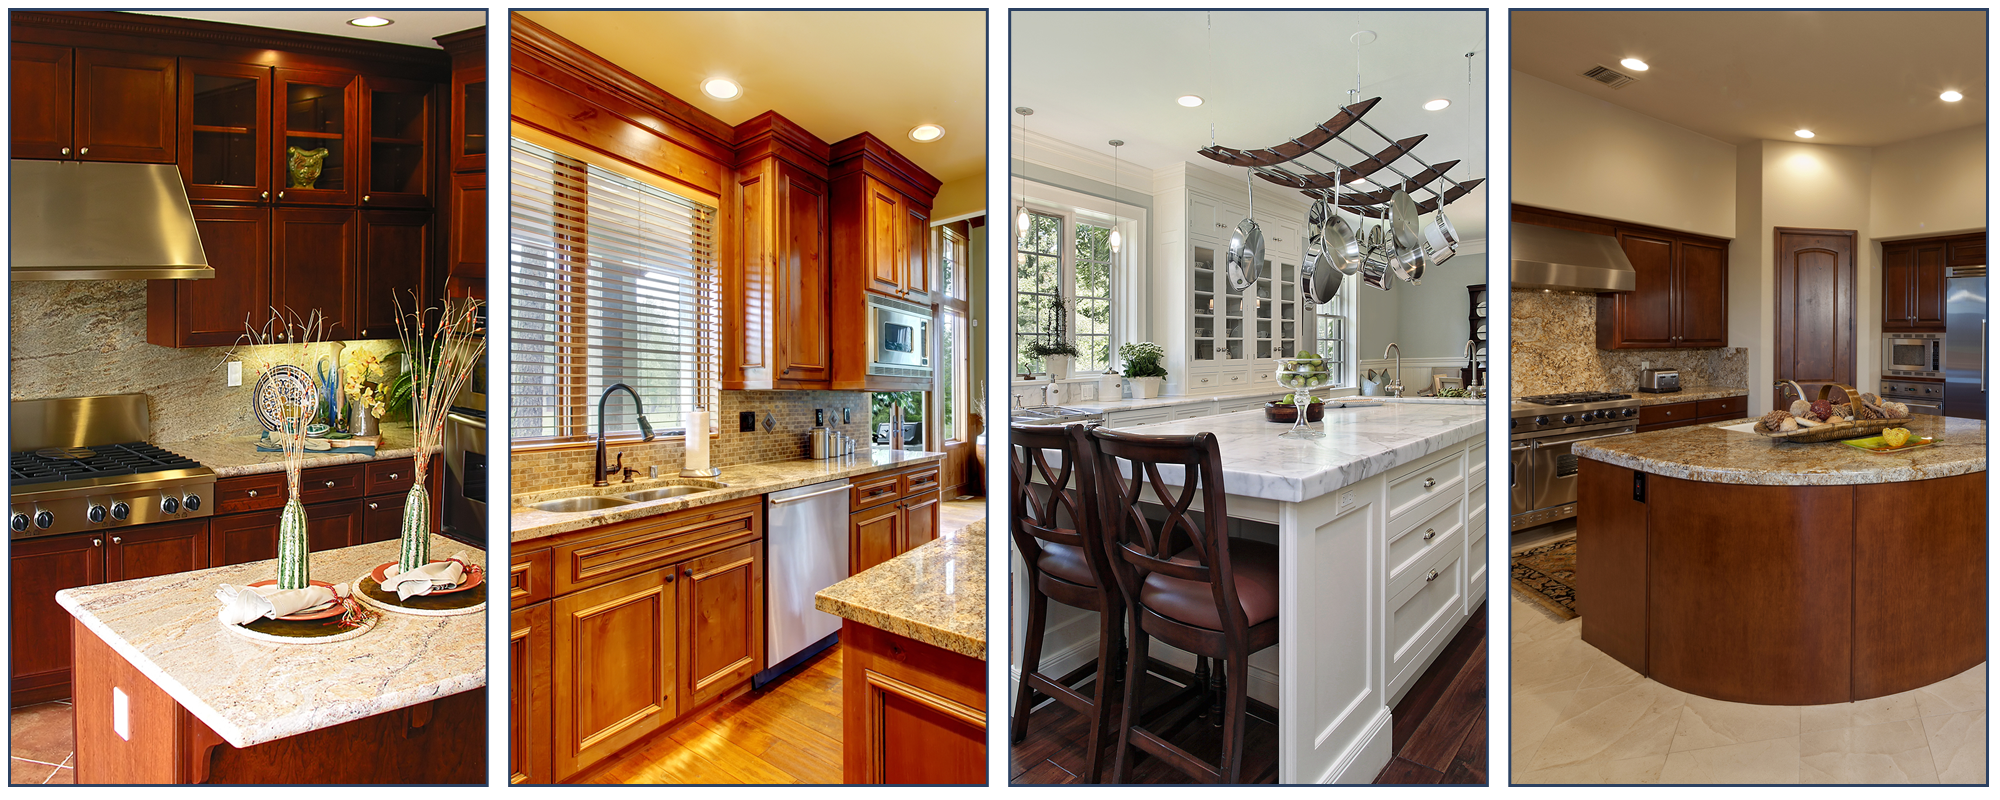 kassremodeling kitchen remodeling rockville md 1